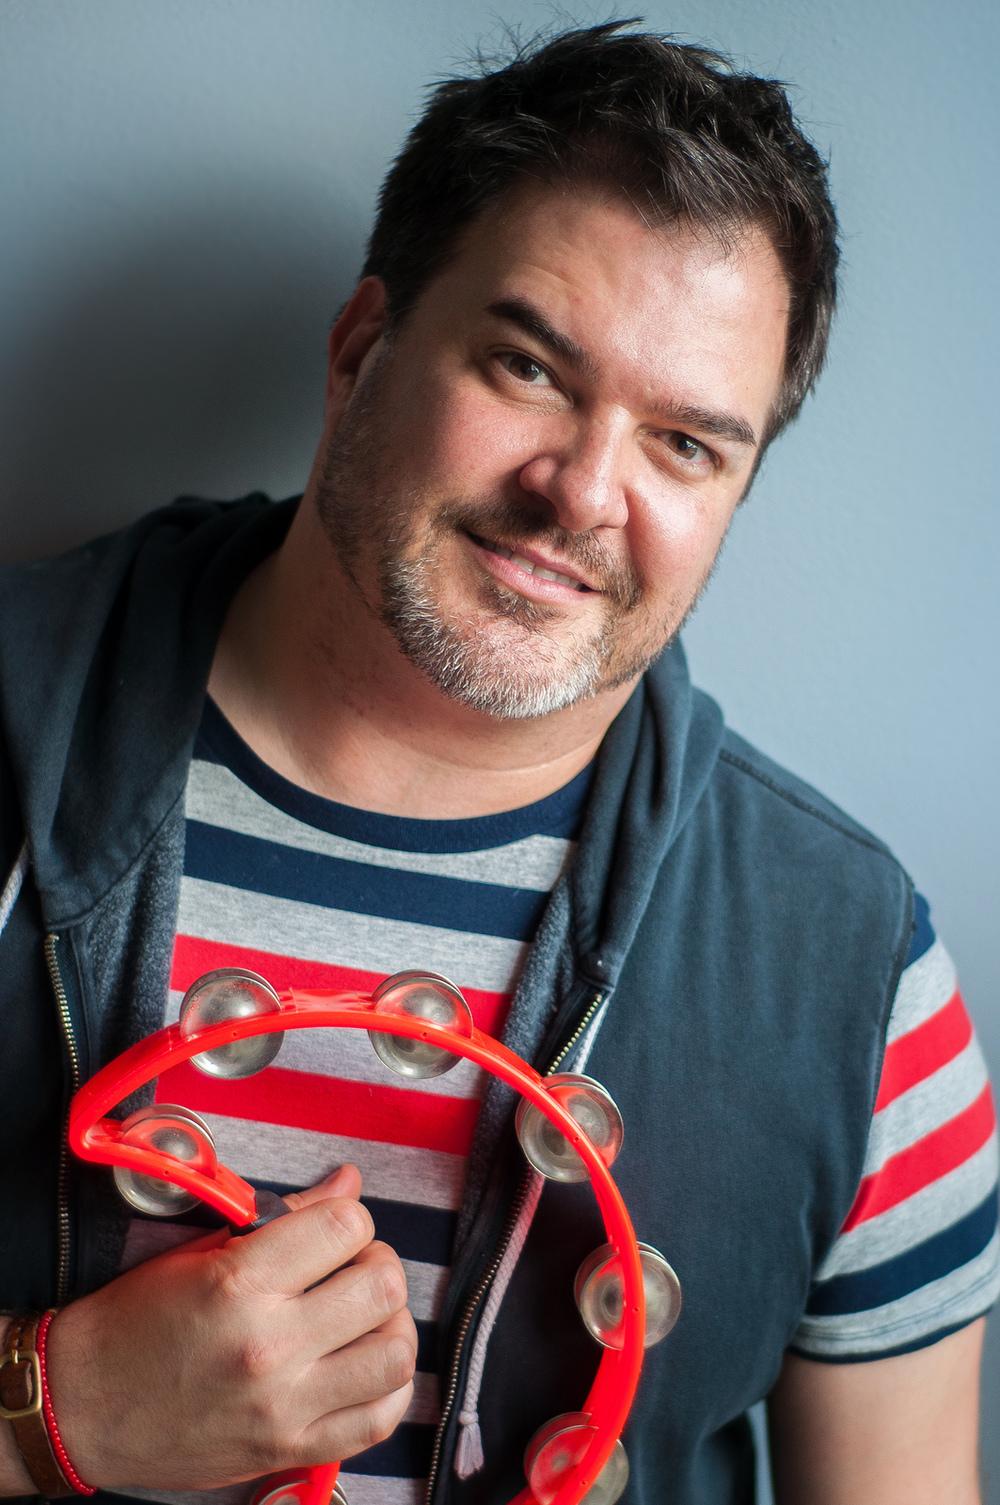 Lucas Miré - Photo by John McNicholas Photography